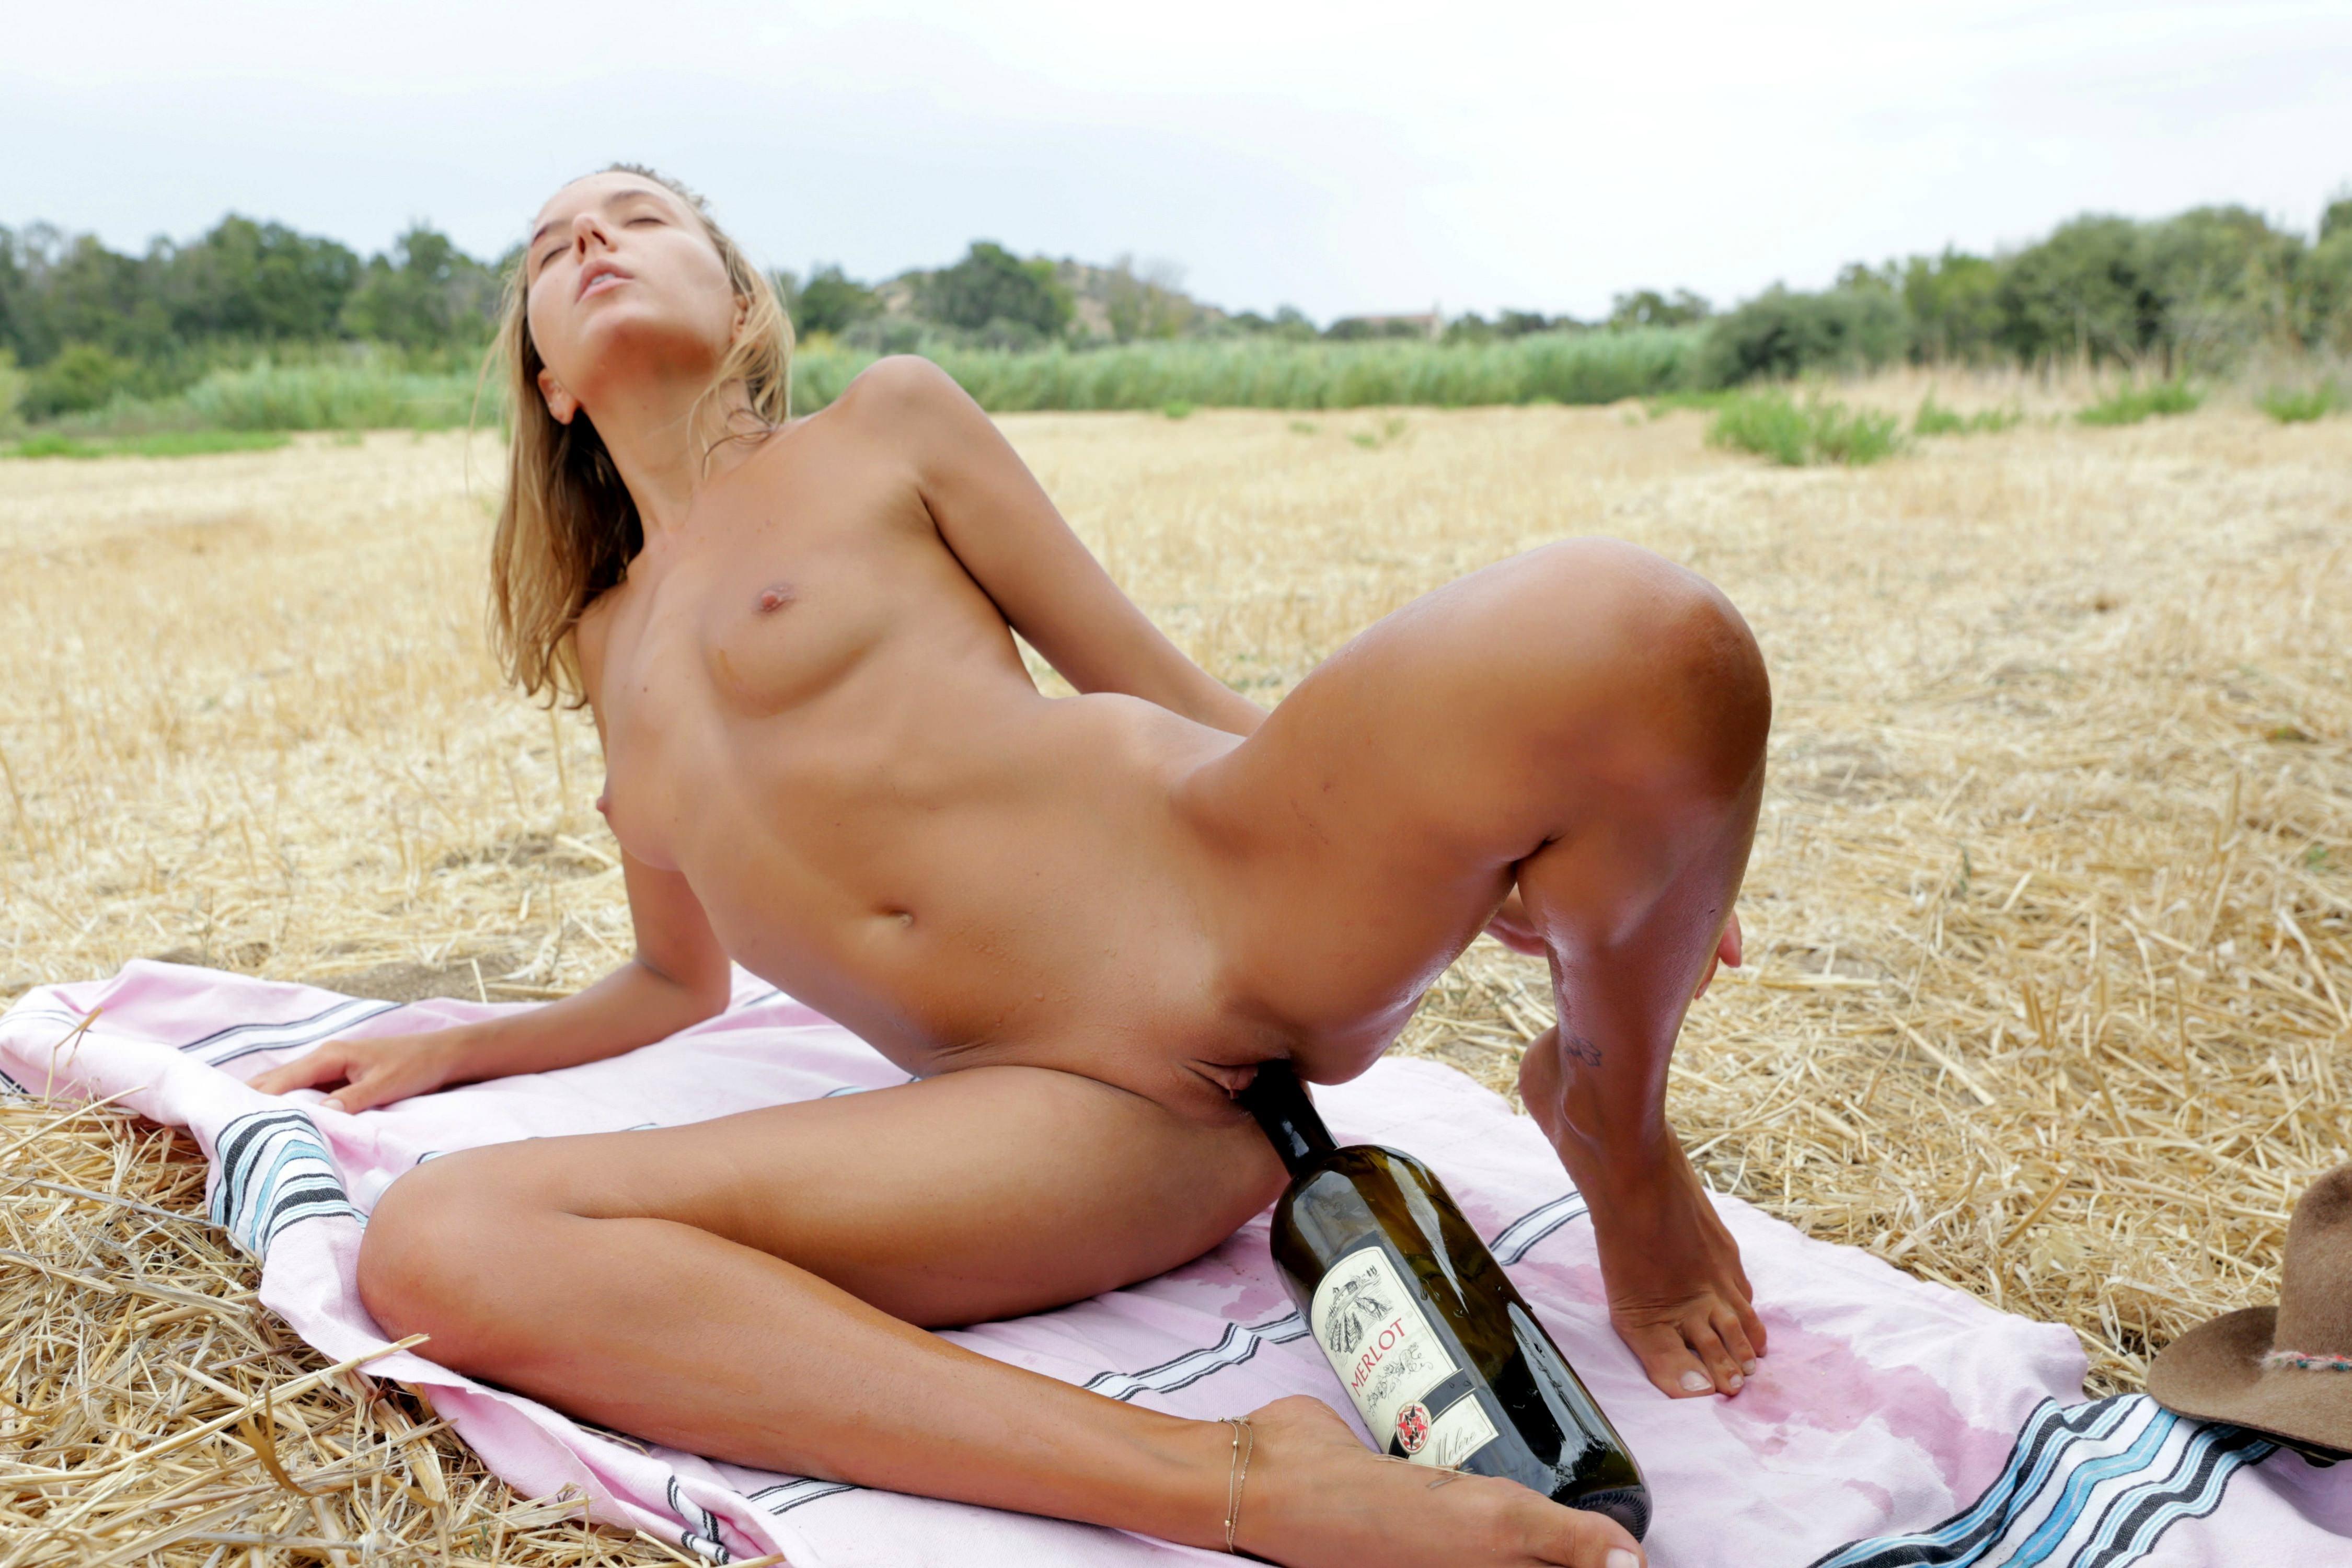 Фото Бутылка вина в пизде, голая загорелая девушка на желтой траве, скачать картинку бесплатно